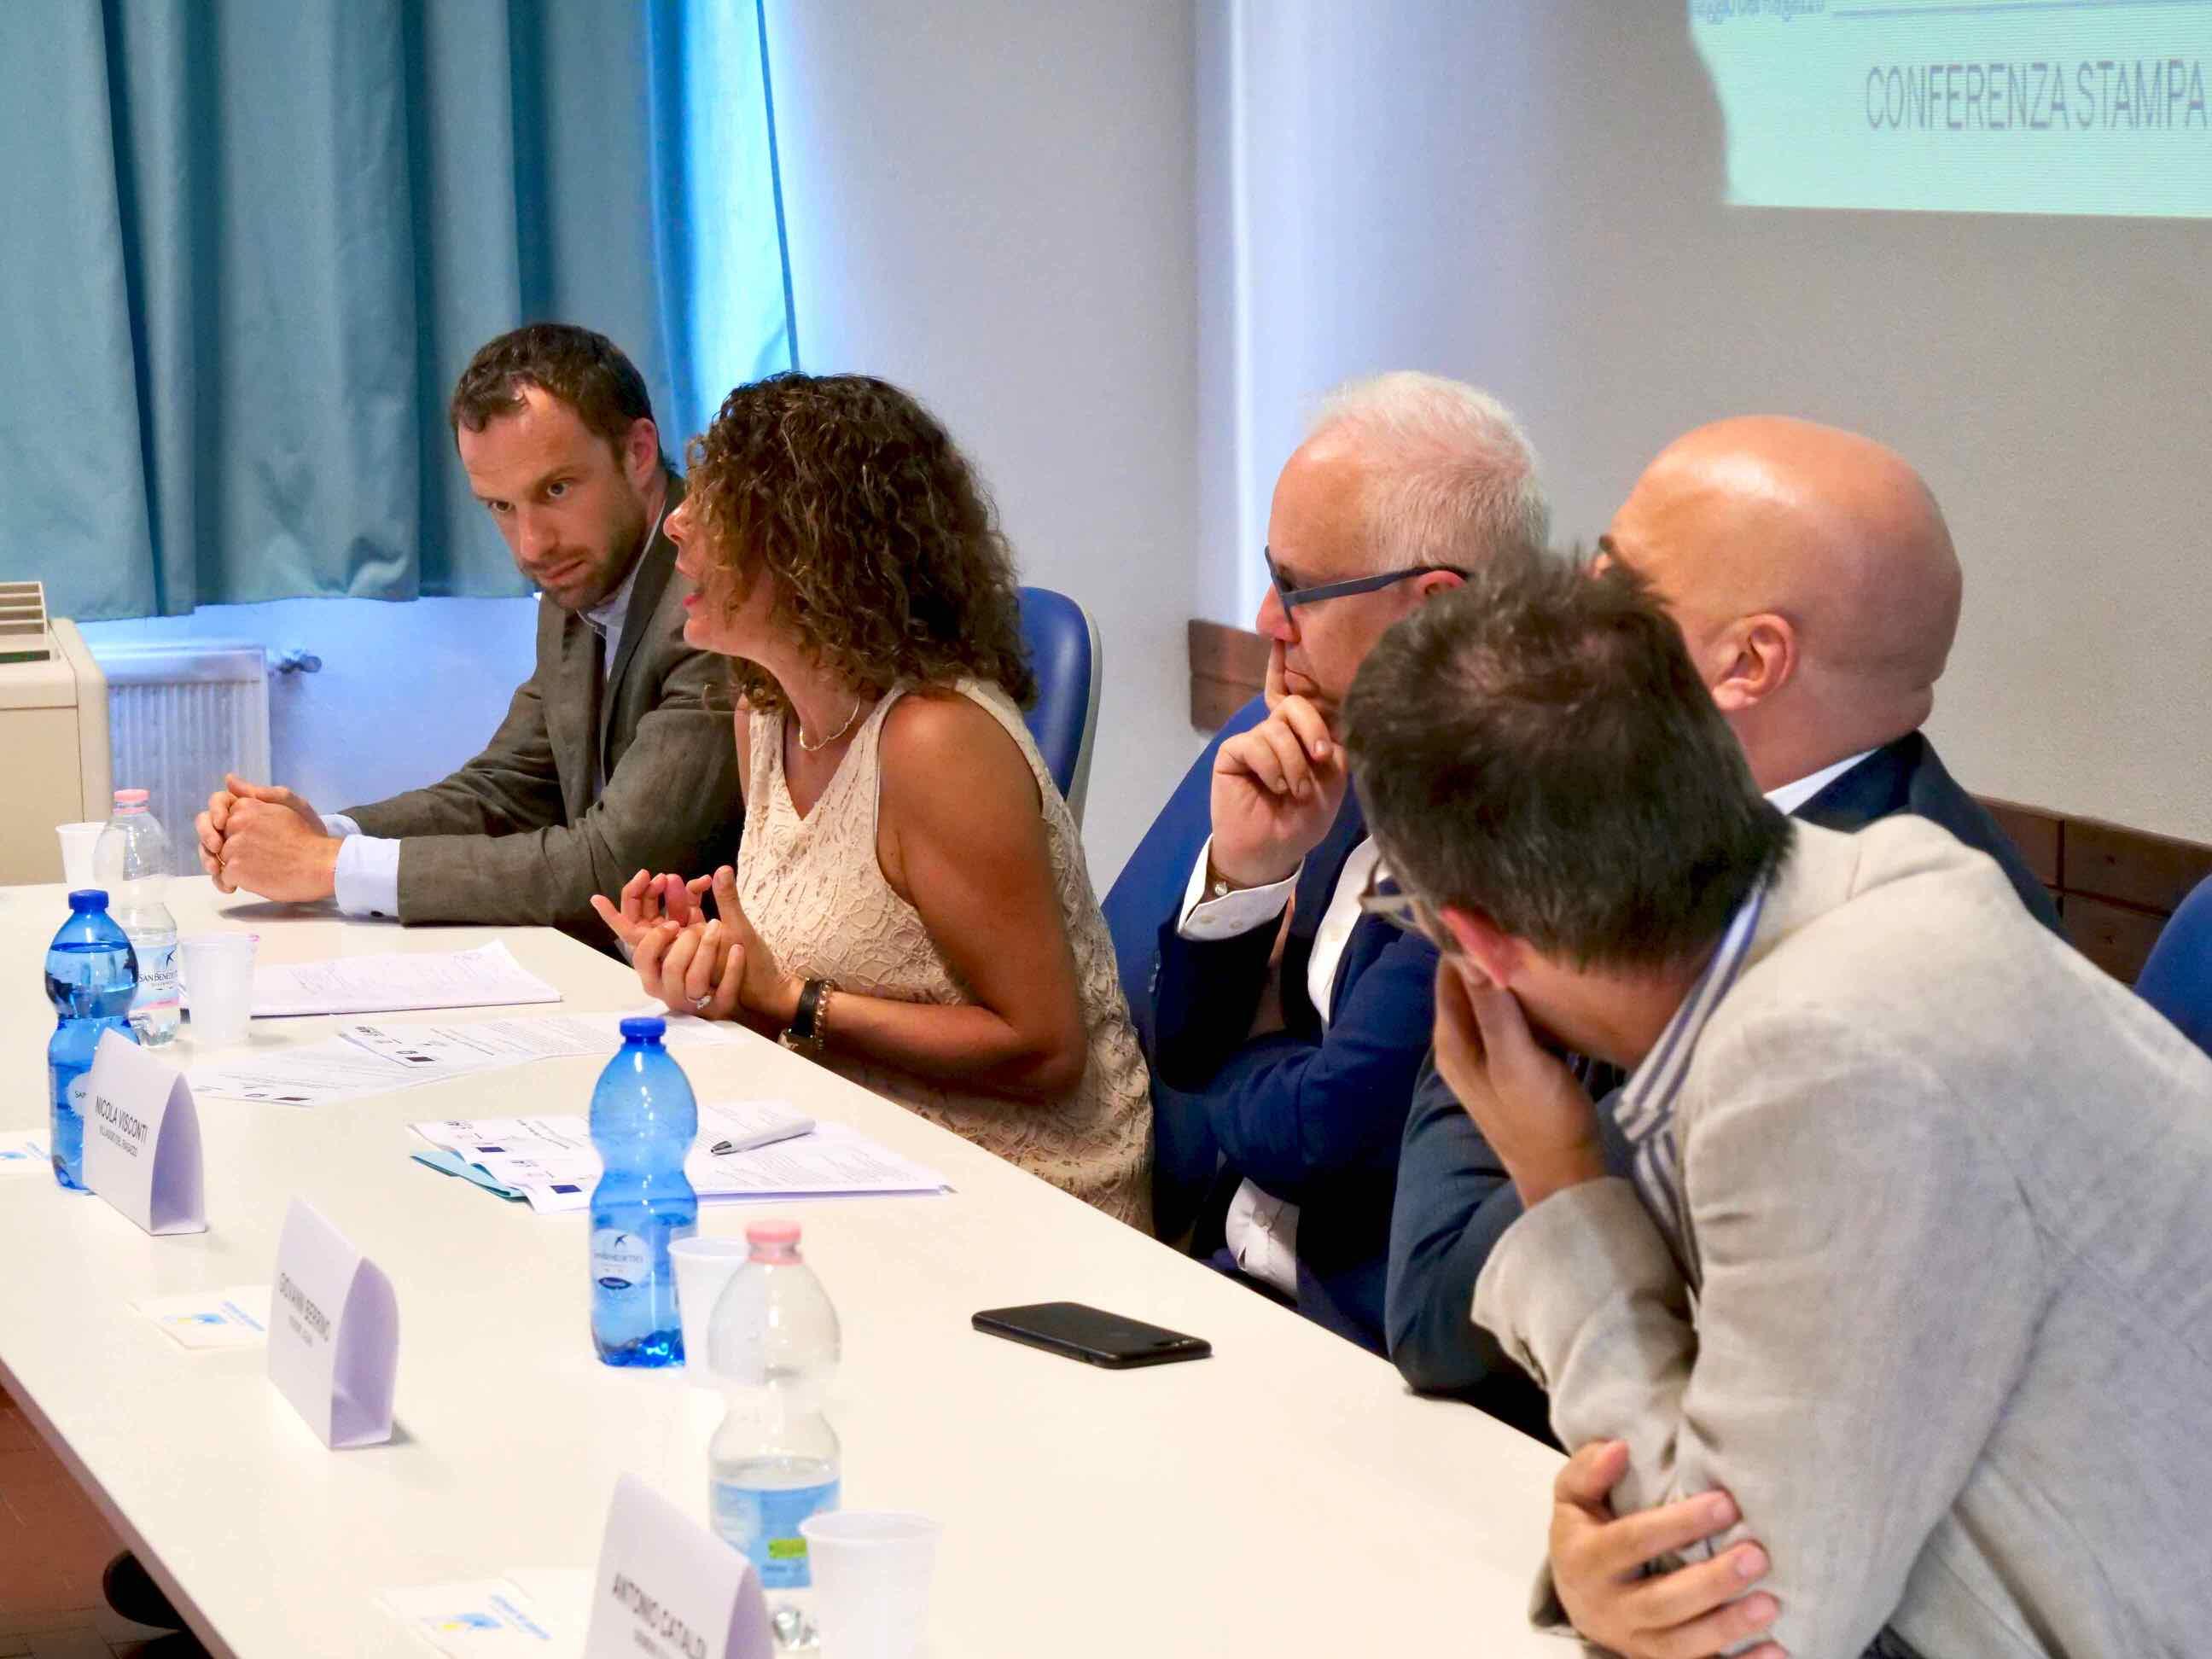 Conferenza Stampa presentazione Corsi Formarsi per Competere 2019.07.22 - 6